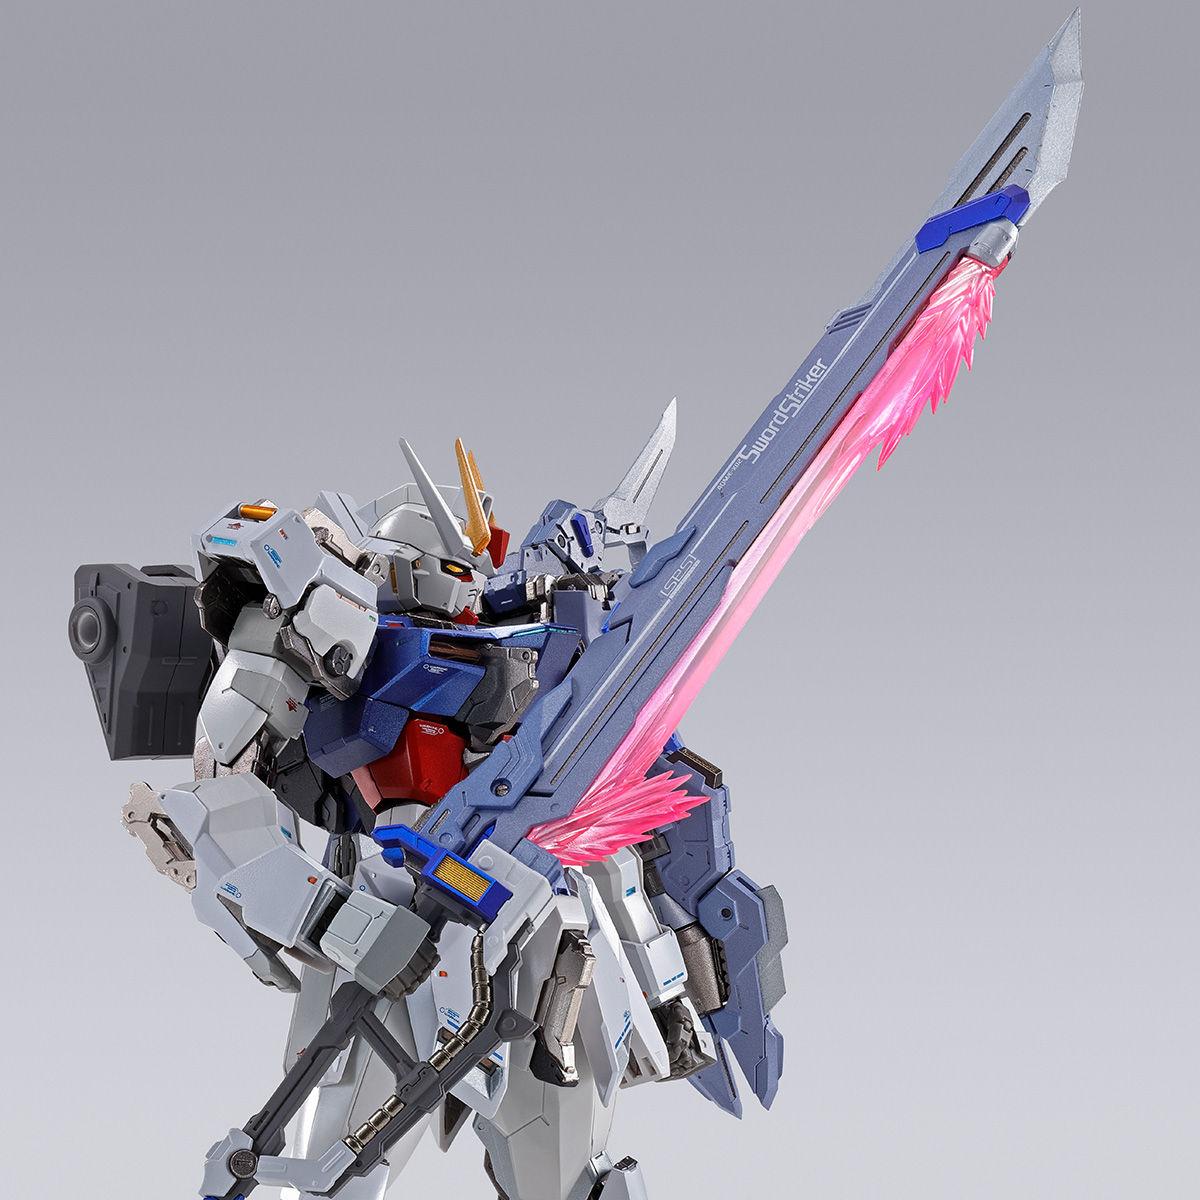 【限定販売】METAL BUILD『ソードストライカー』機動戦士ガンダムSEED 可動フィギュア-001